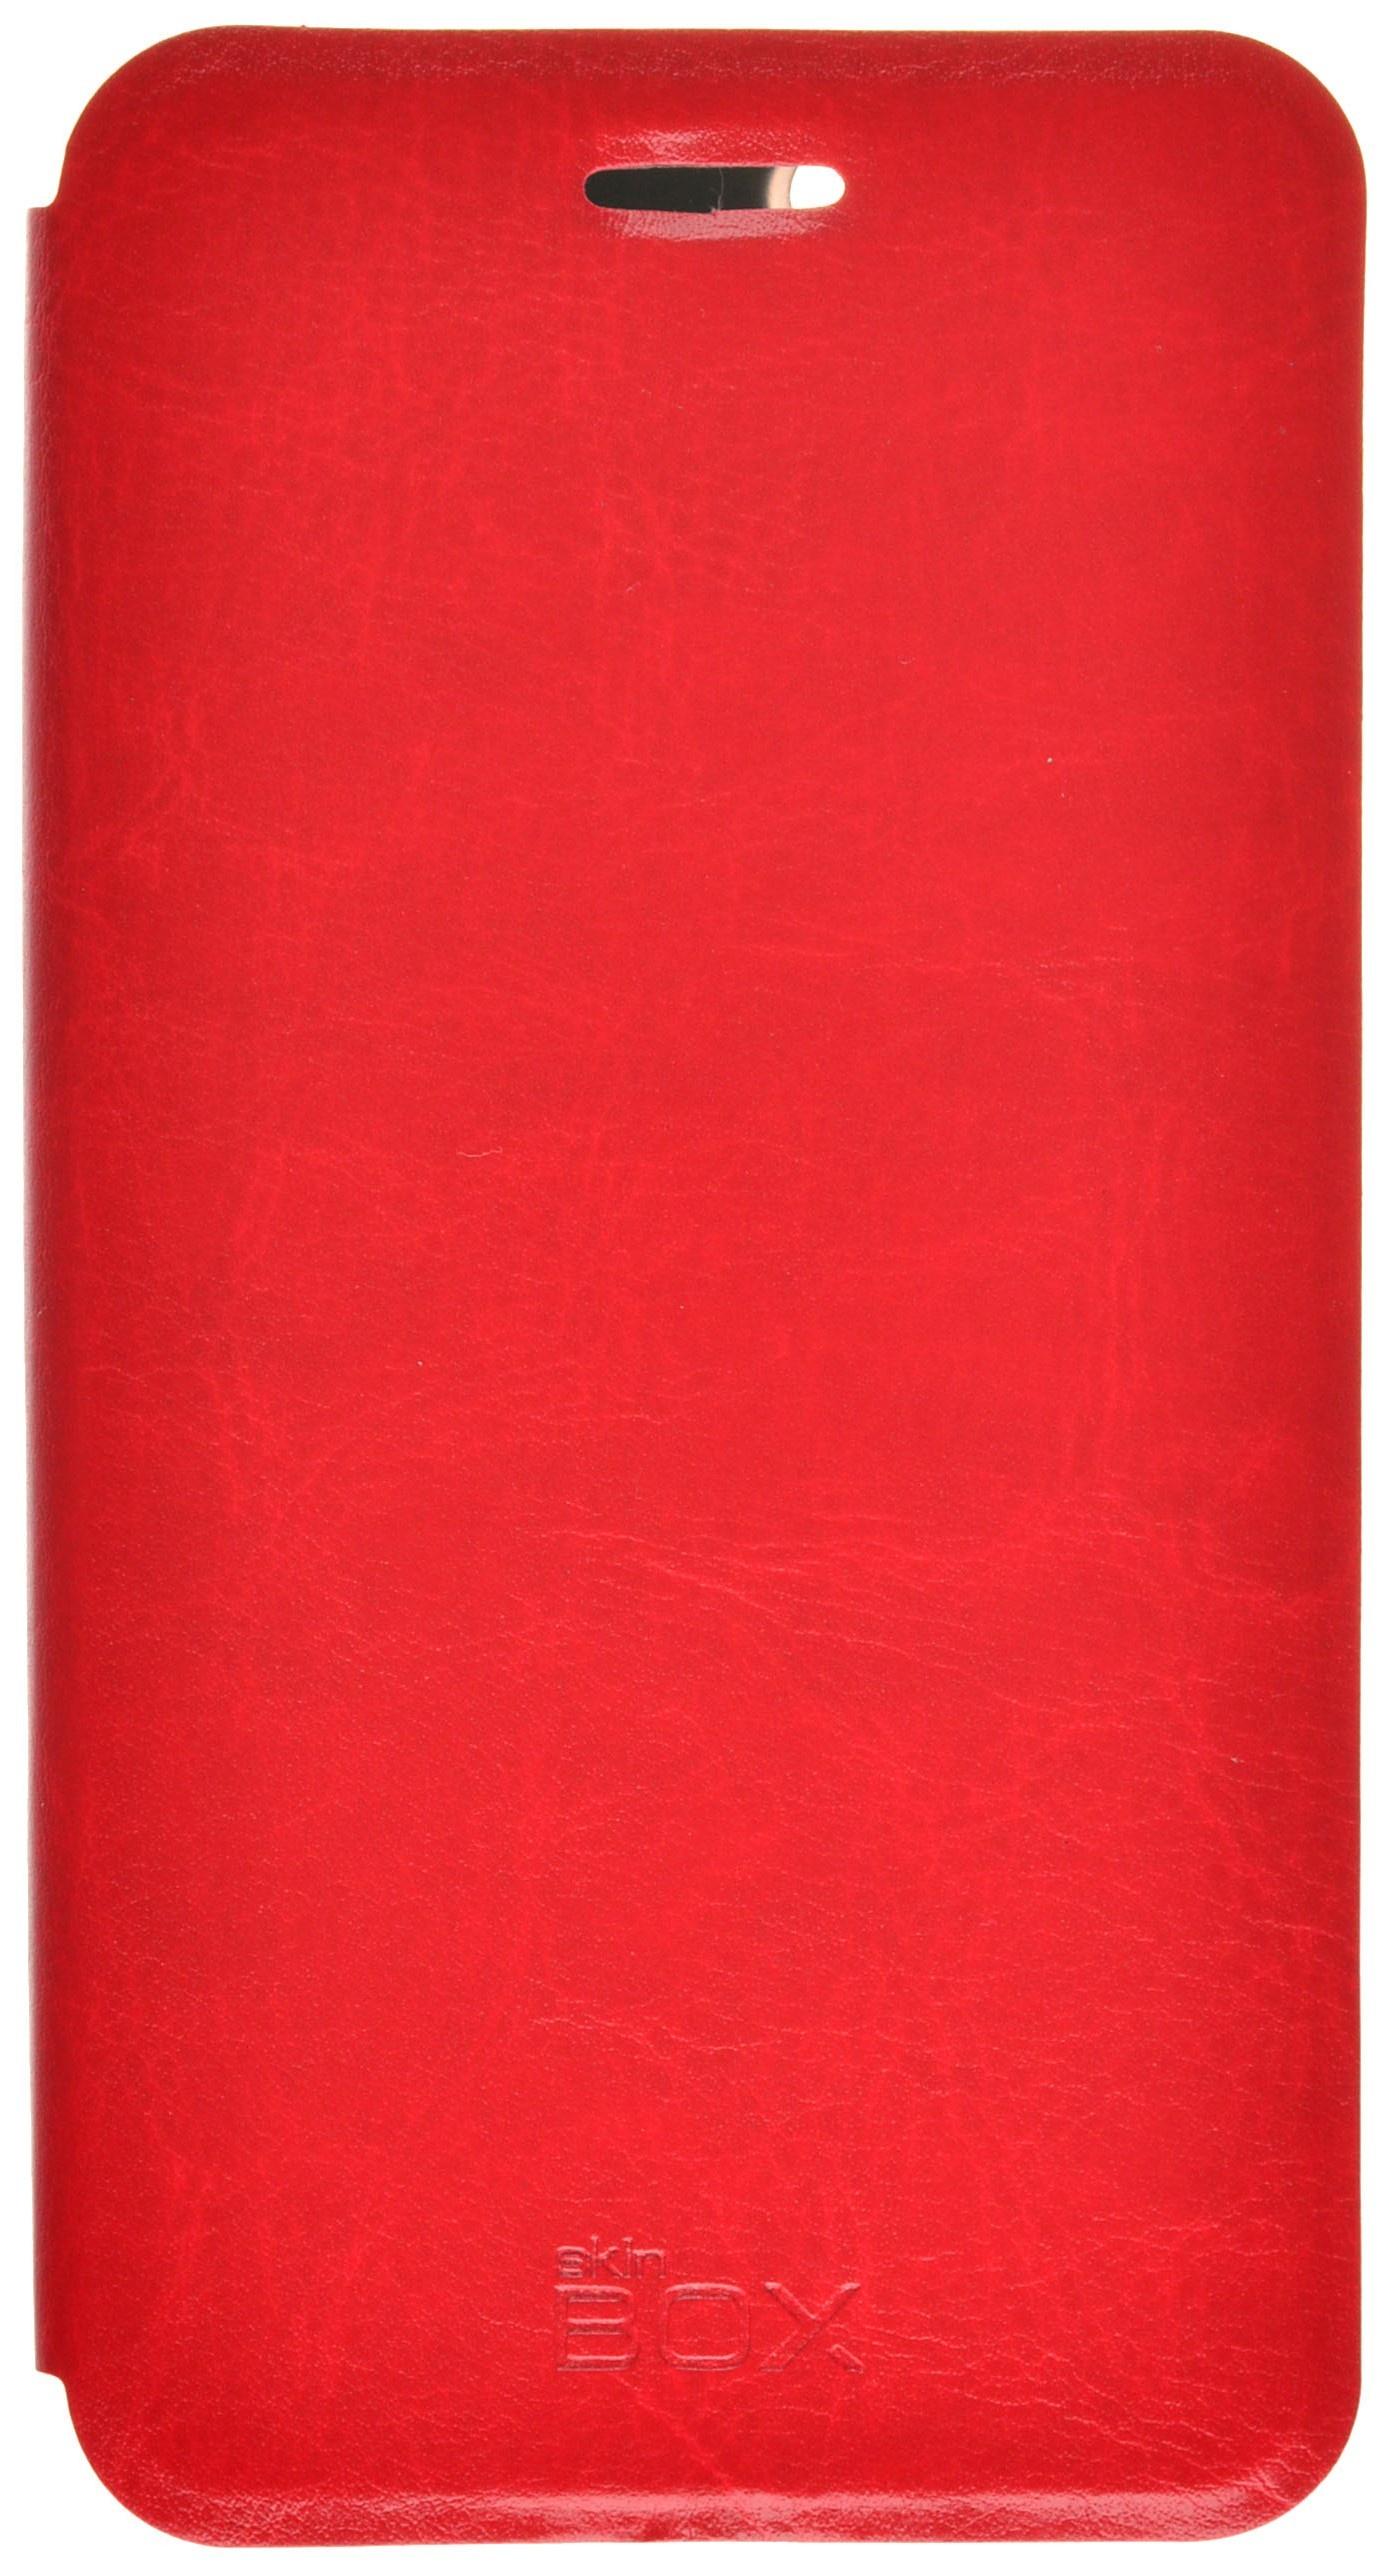 Чехол для сотового телефона skinBOX Lux, 4630042525375, красный